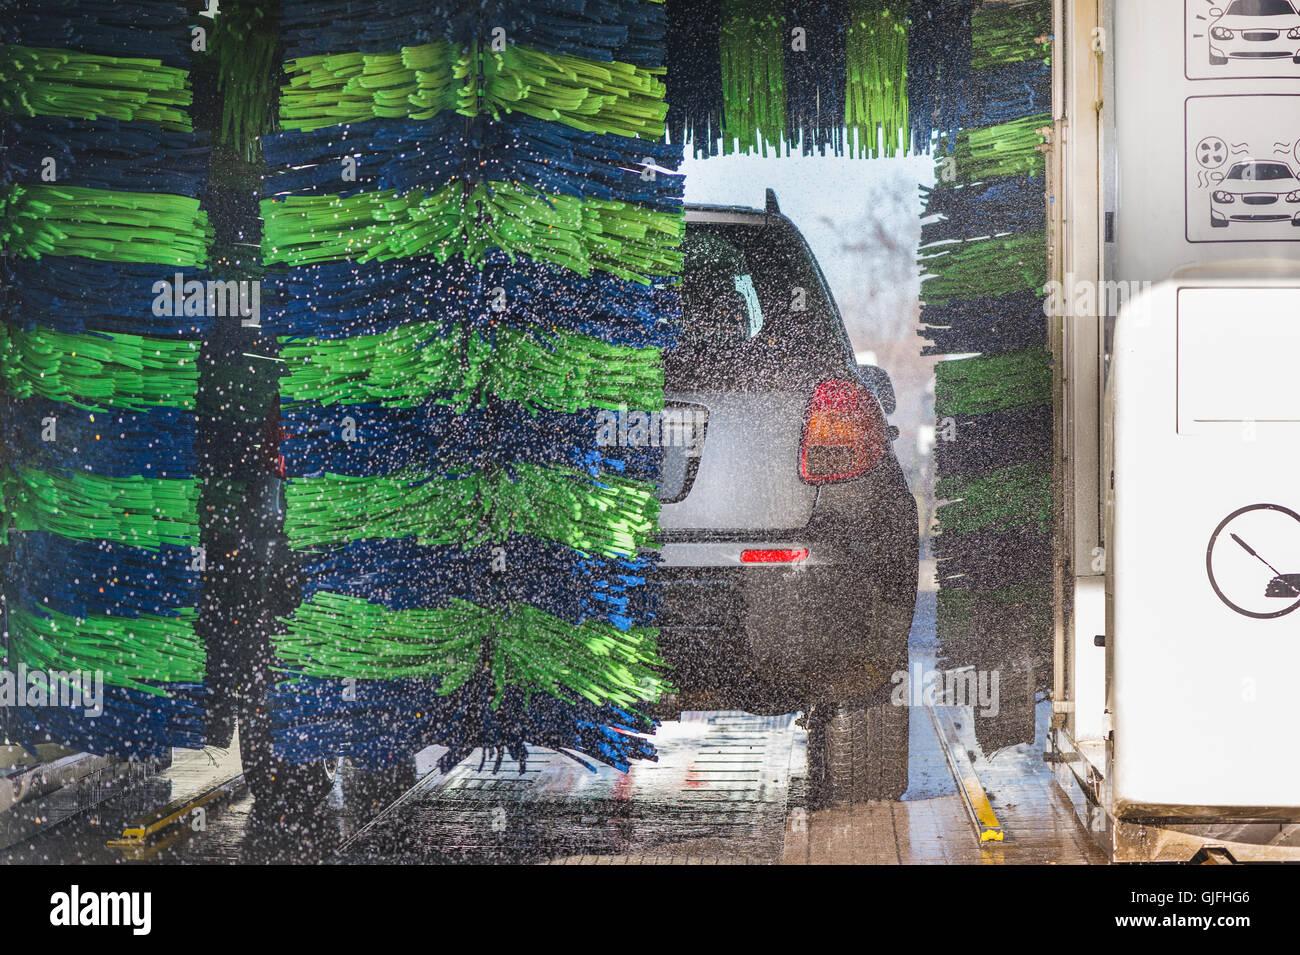 Grey car during washing process - Stock Image